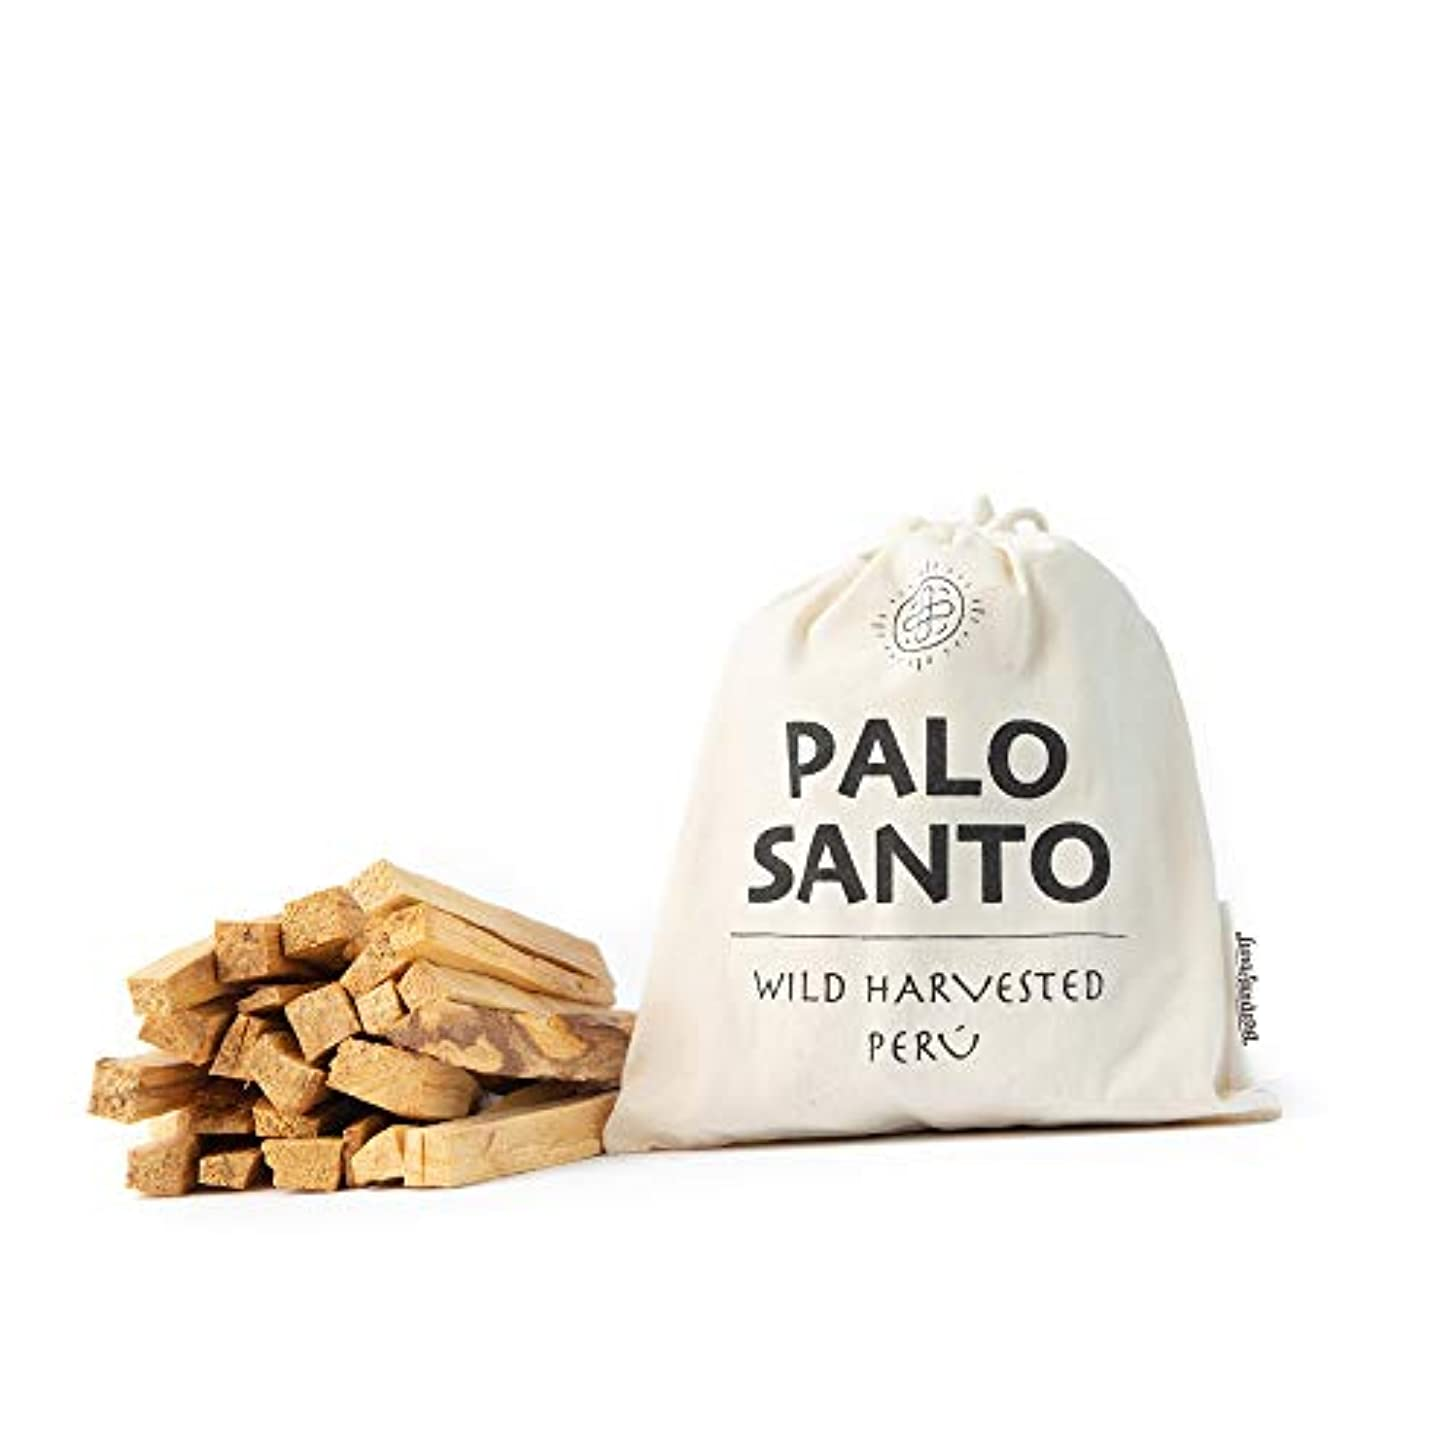 ボイラー作曲する小康Luna Sundara Palo Santo Smudging Sticks Peru Sustainably Harvested Quality Hand Picked - 100グラム(約18-25スティック)